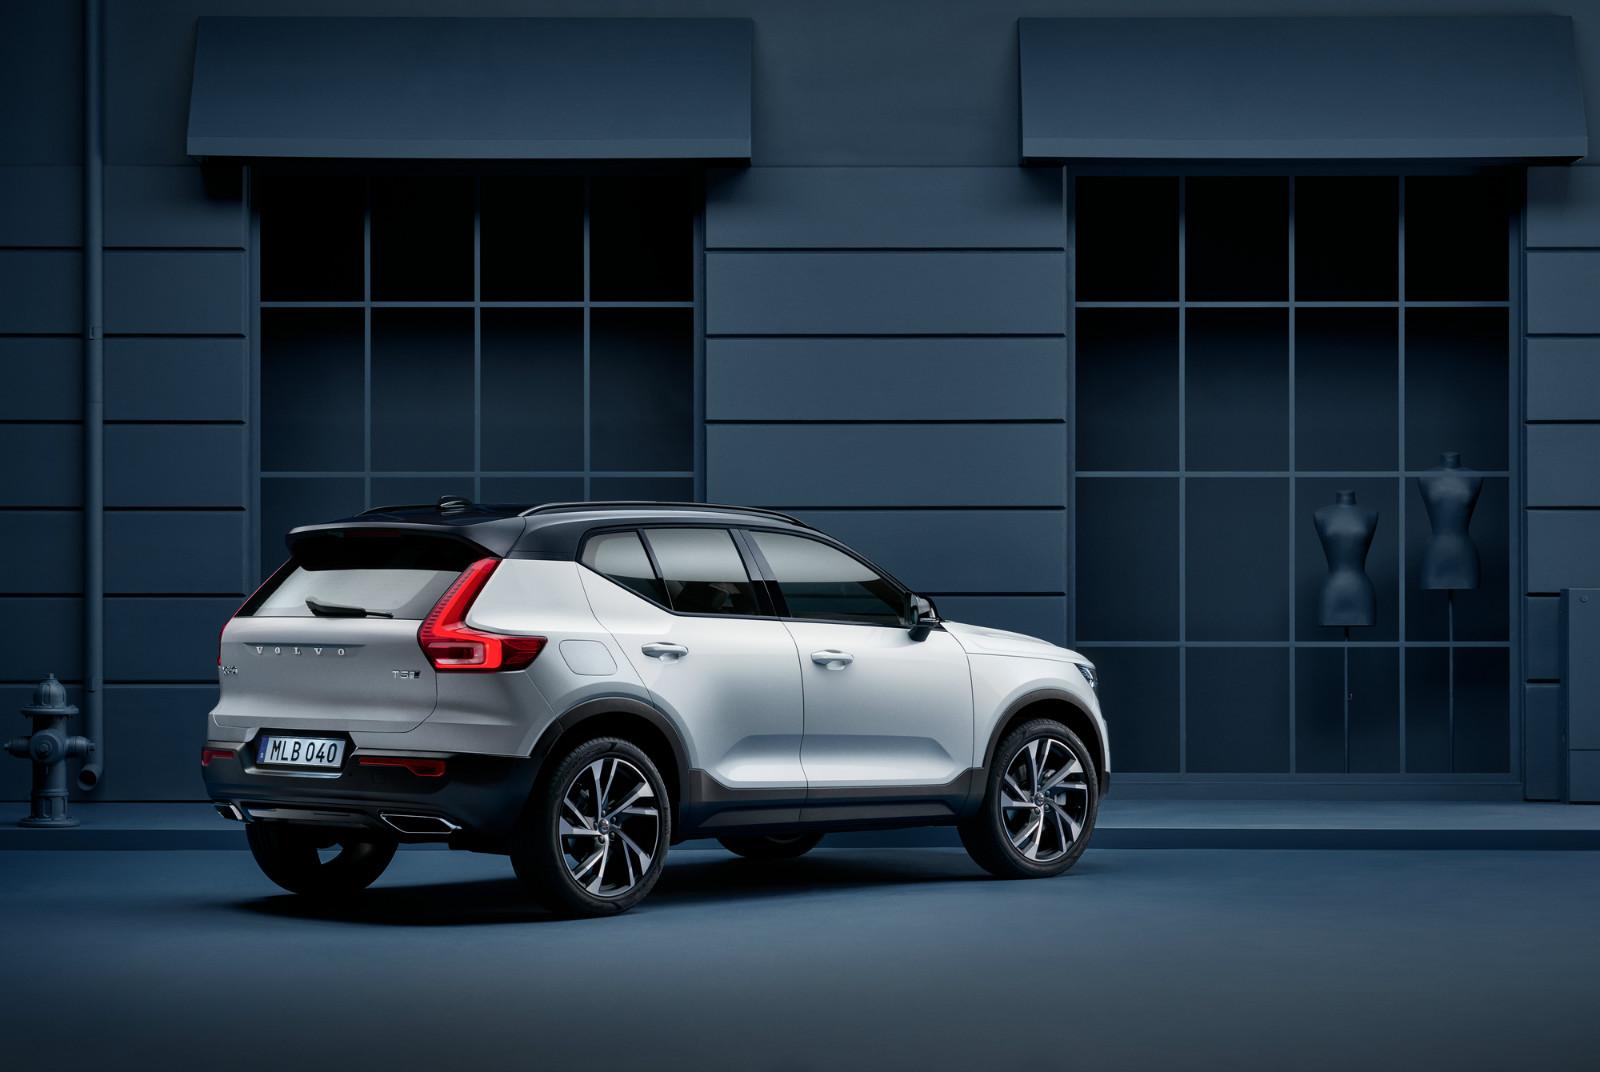 2_沃尔沃全新XC40具有硬朗气质和纯正SUV车身比例.jpg